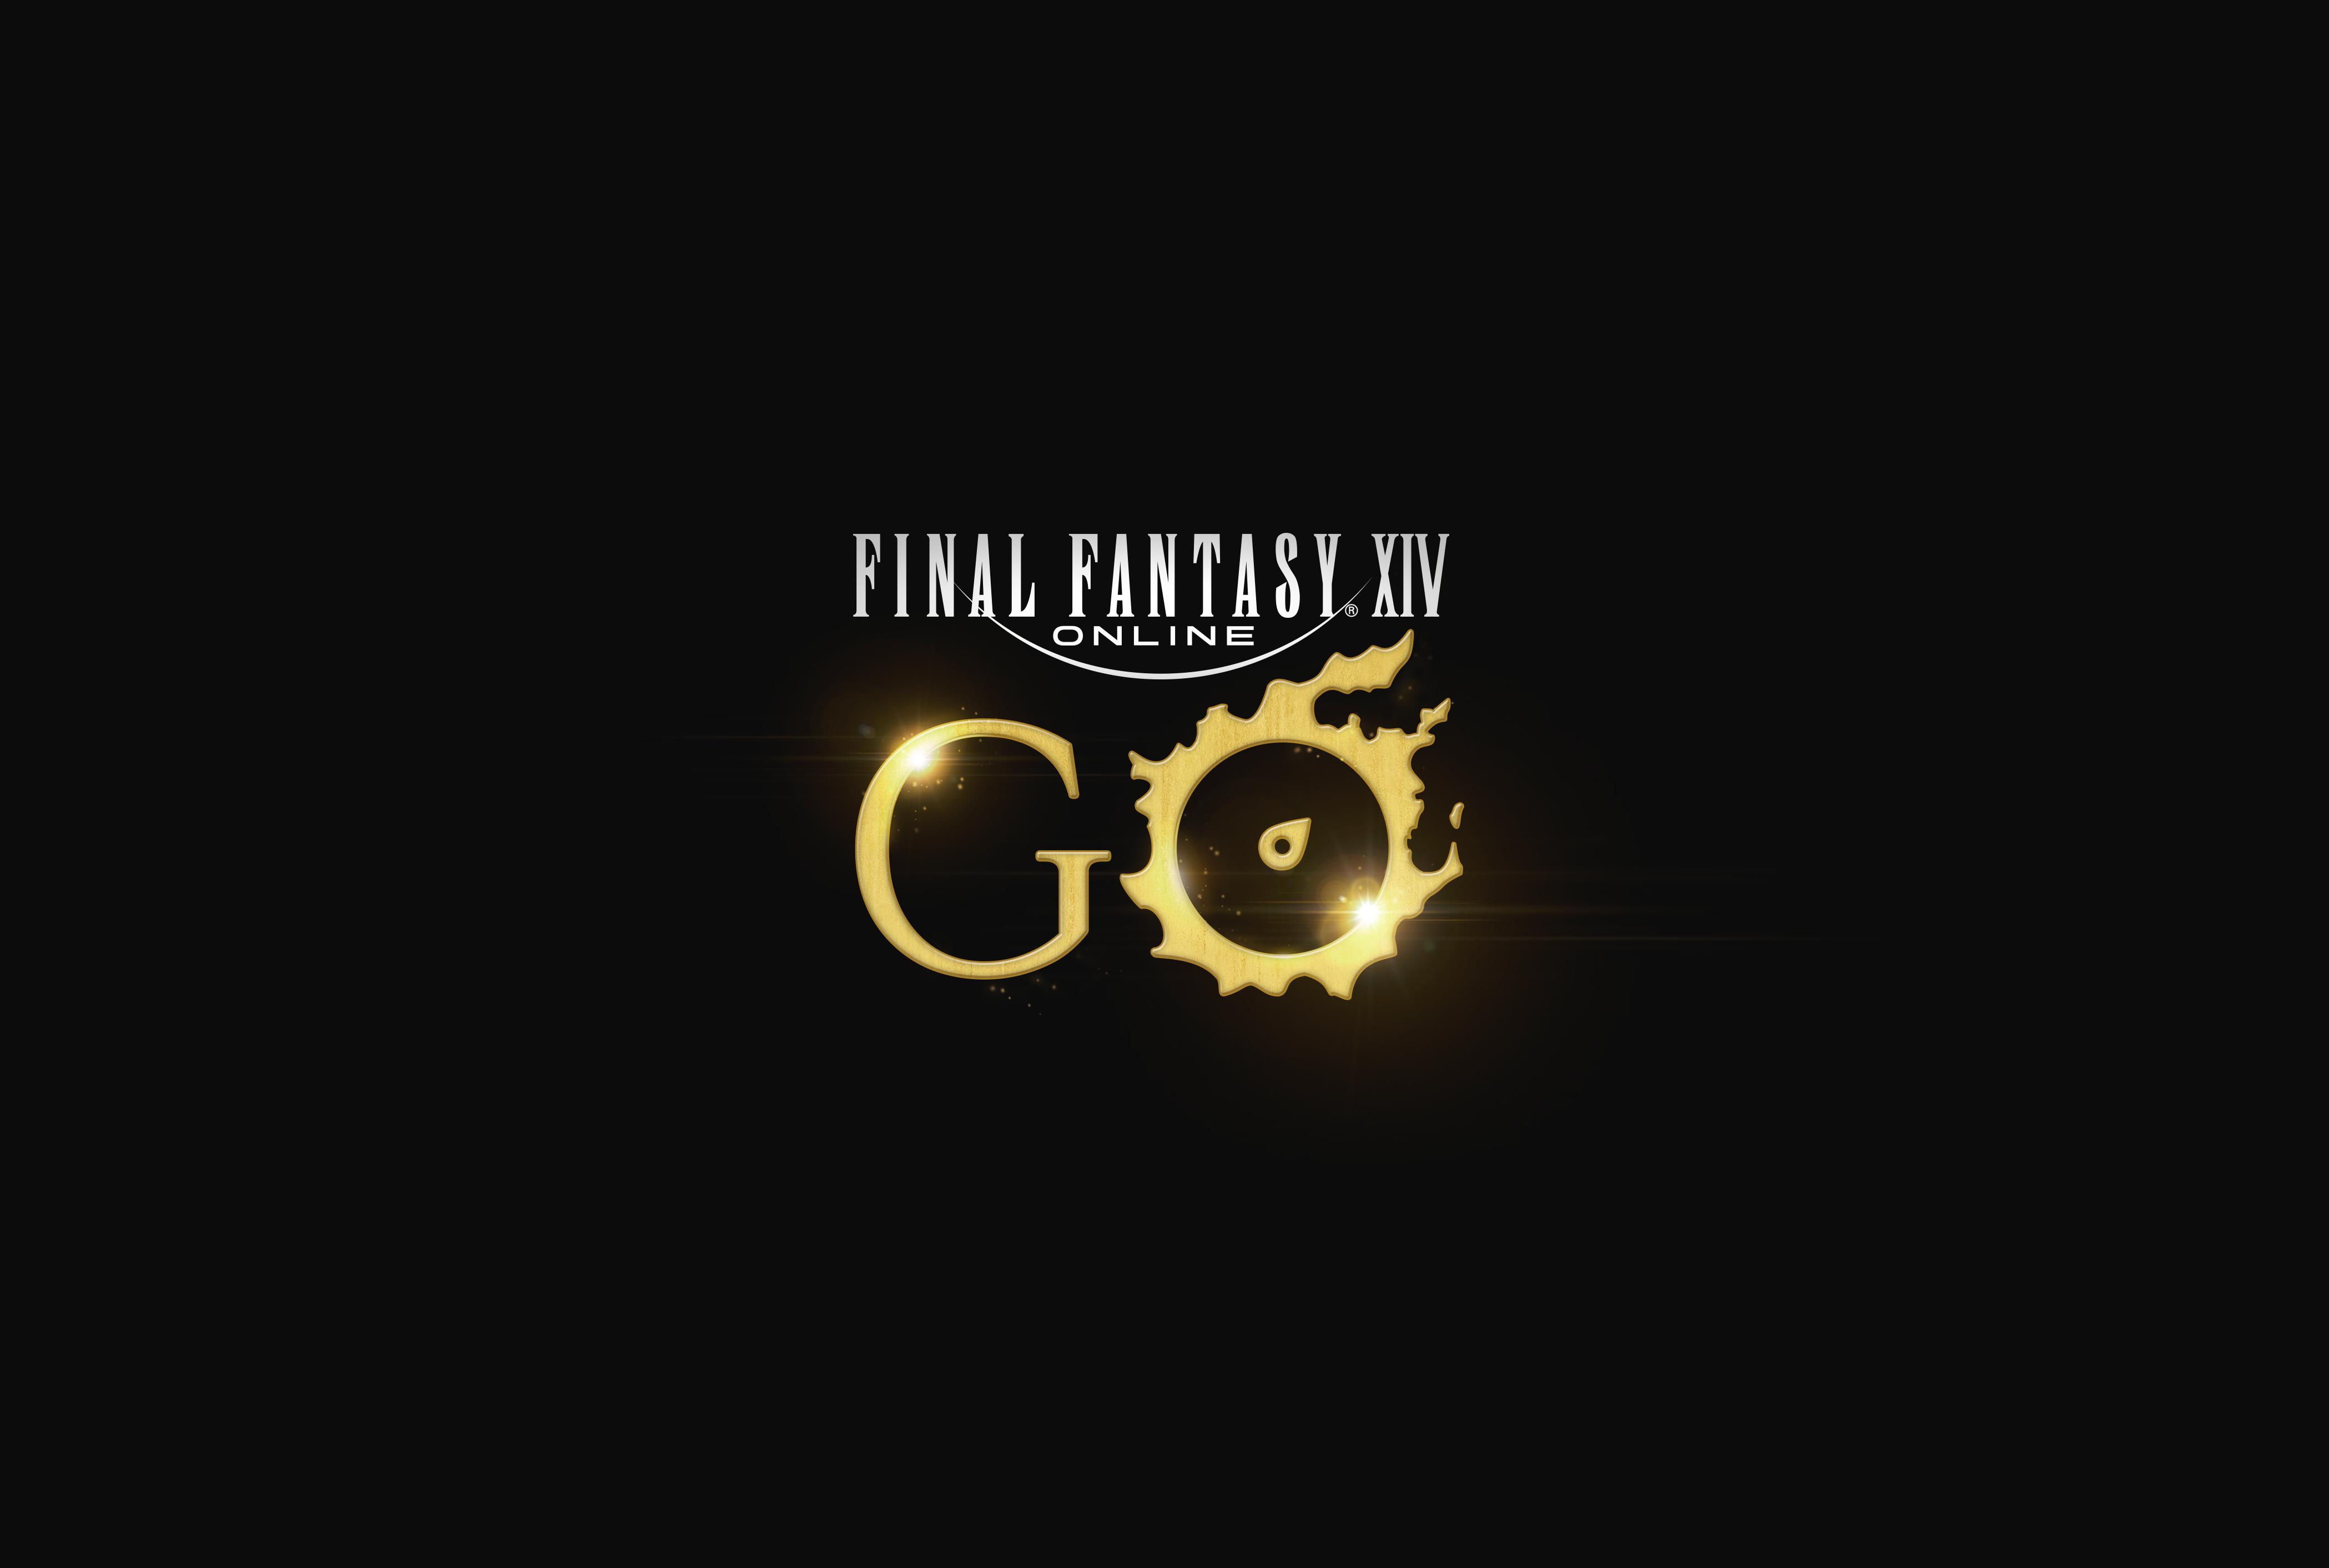 https://eu.finalfantasyxiv.com/pr/blog/blog_image/FFXIV_GO_logo.png